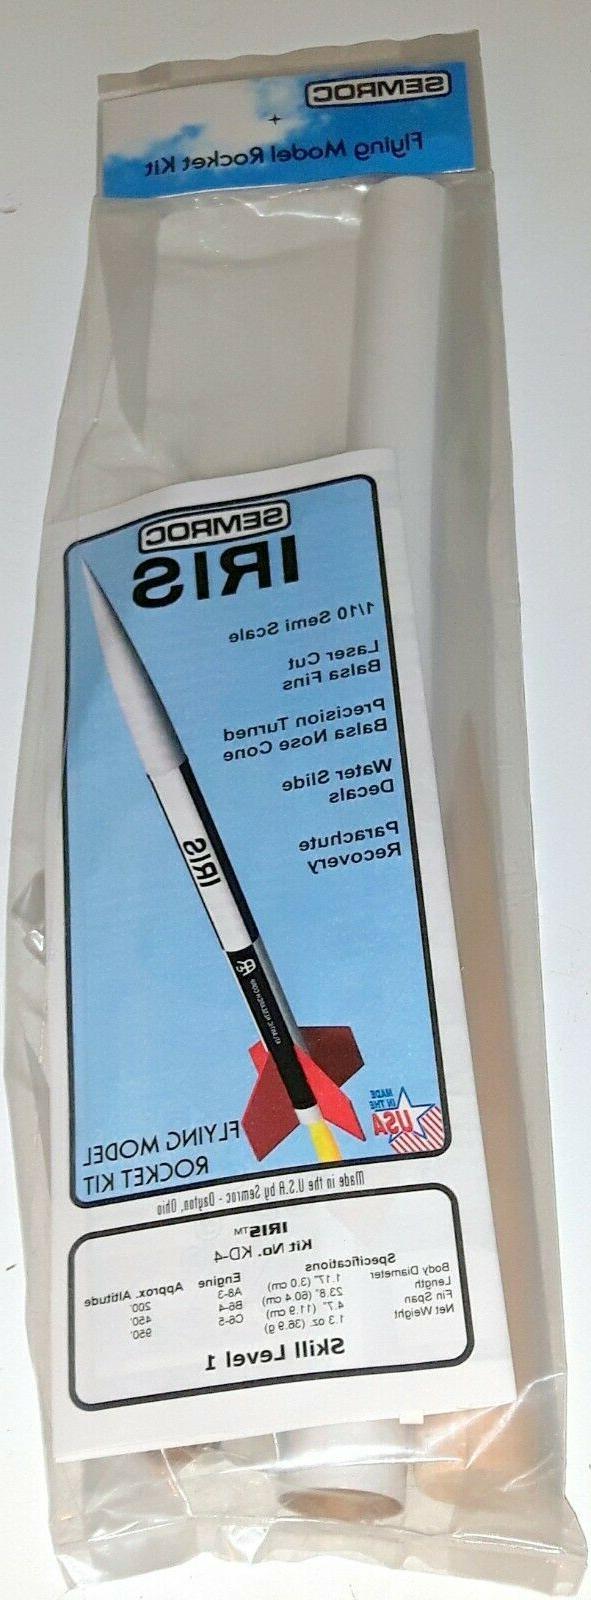 SEMROC Flying Rocket Kit KD-4 - Skill Level 1